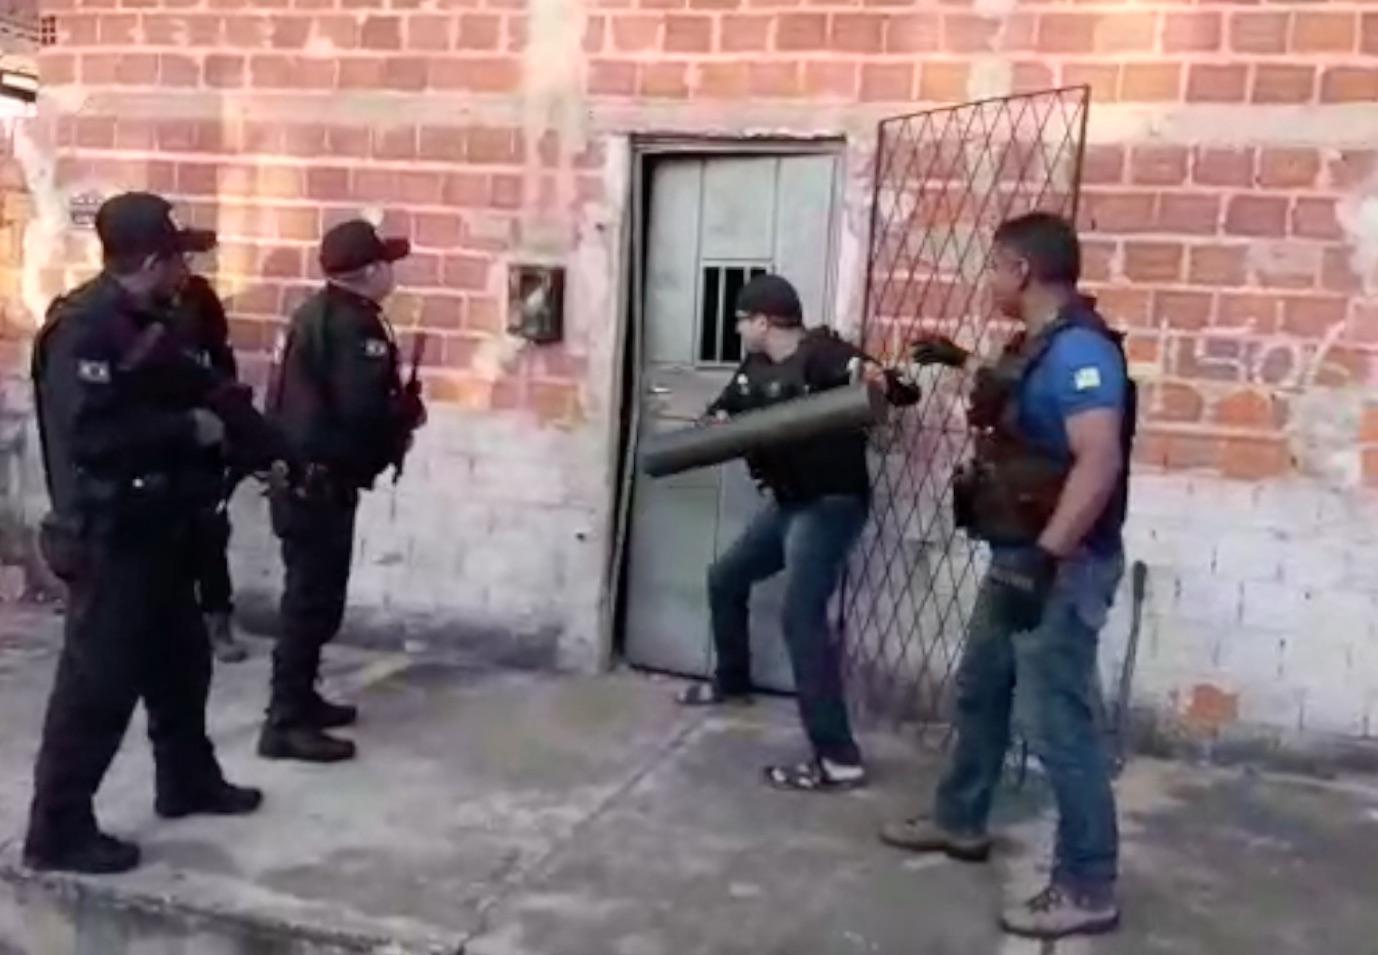 Polícia deflagra operação e cumpre mandados de roubos e estupros em Teresina - Imagem 2